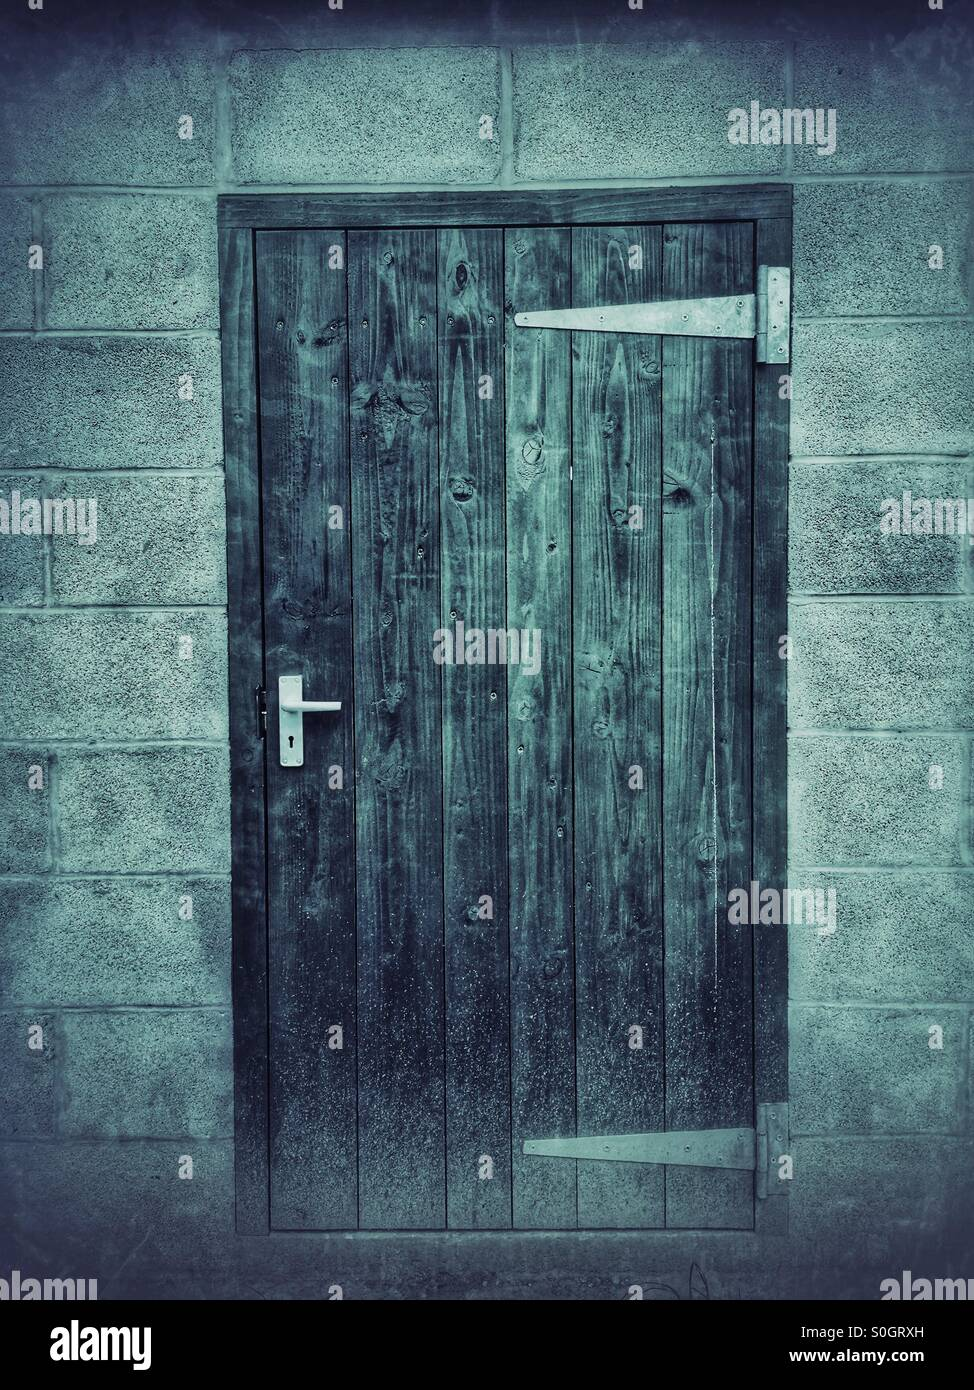 Closed door - Stock Image